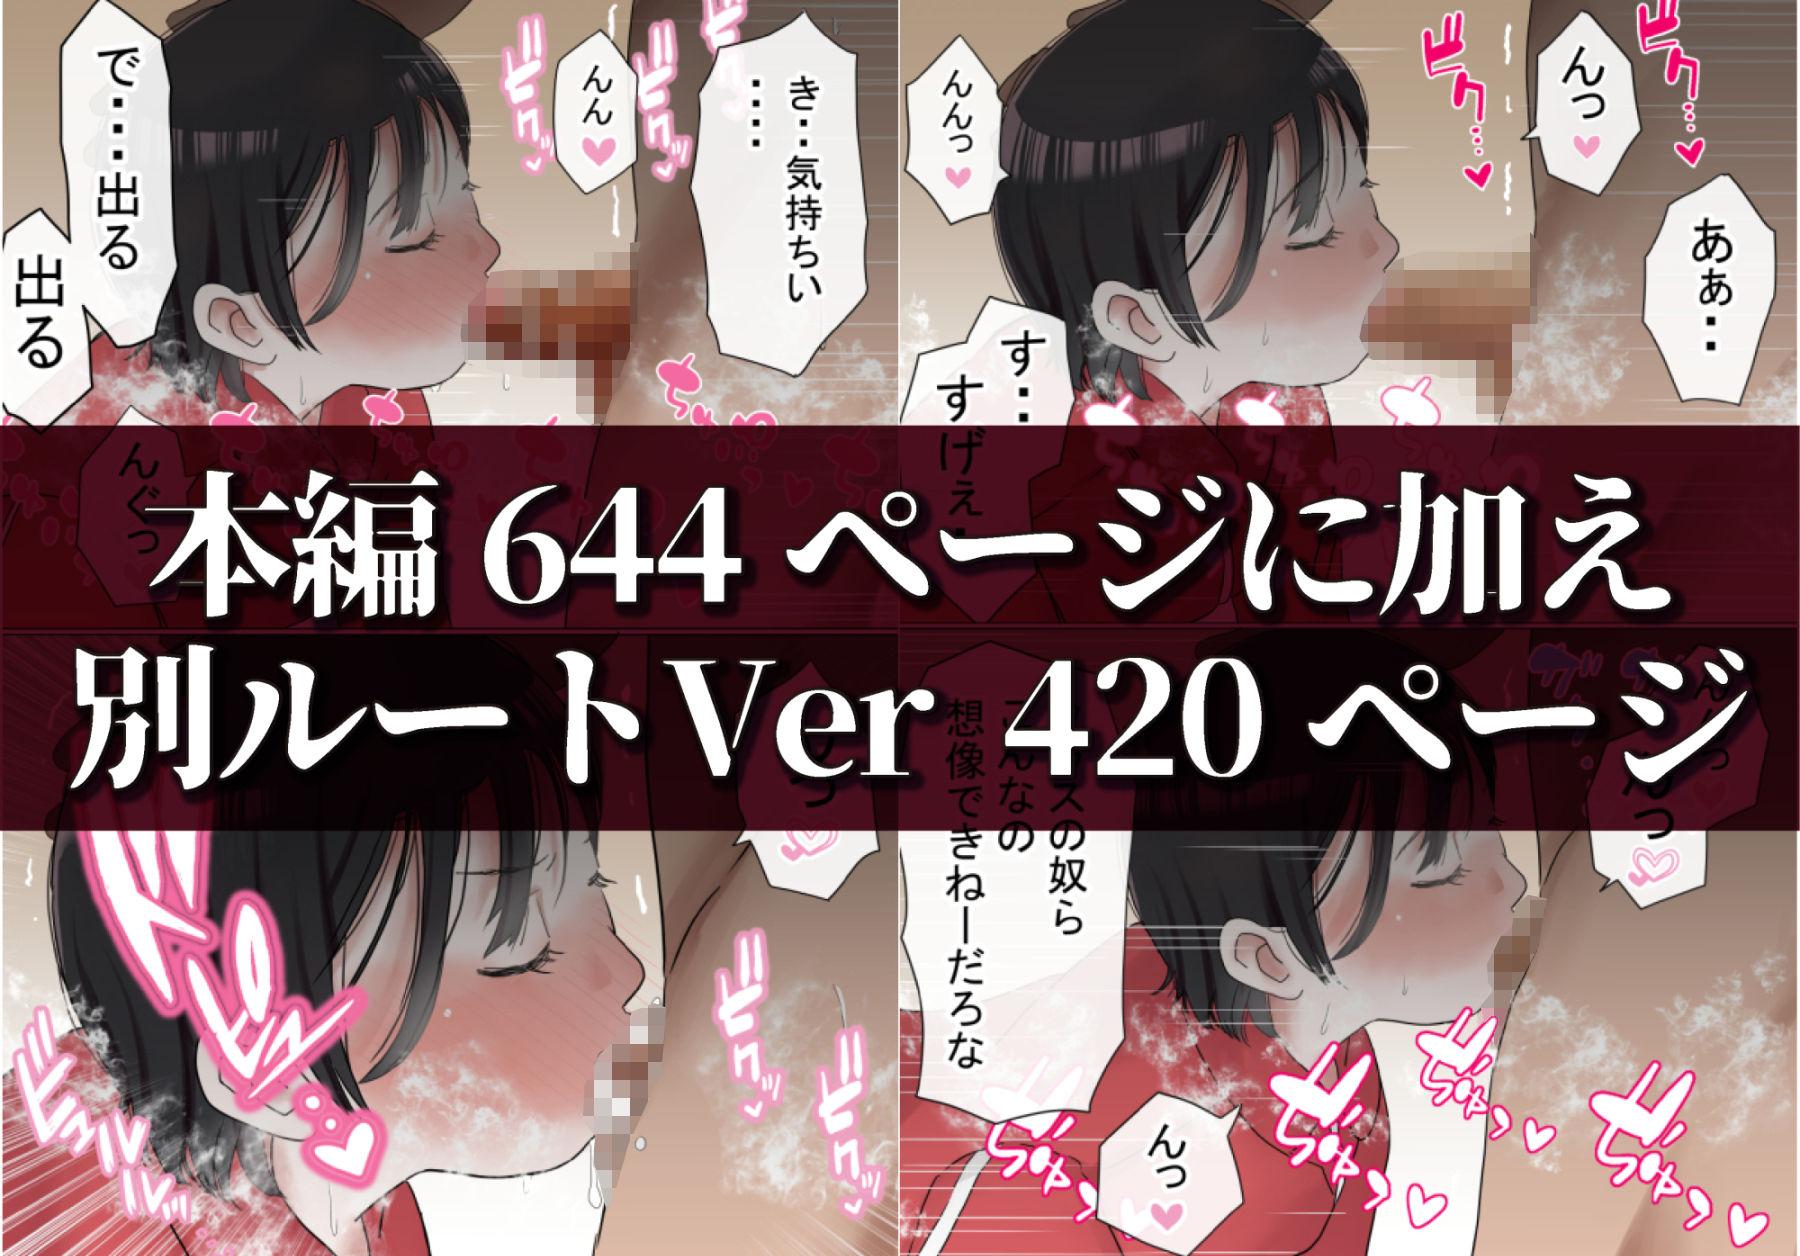 赤本大全【同人エロ漫画】(赤本アカモト)3